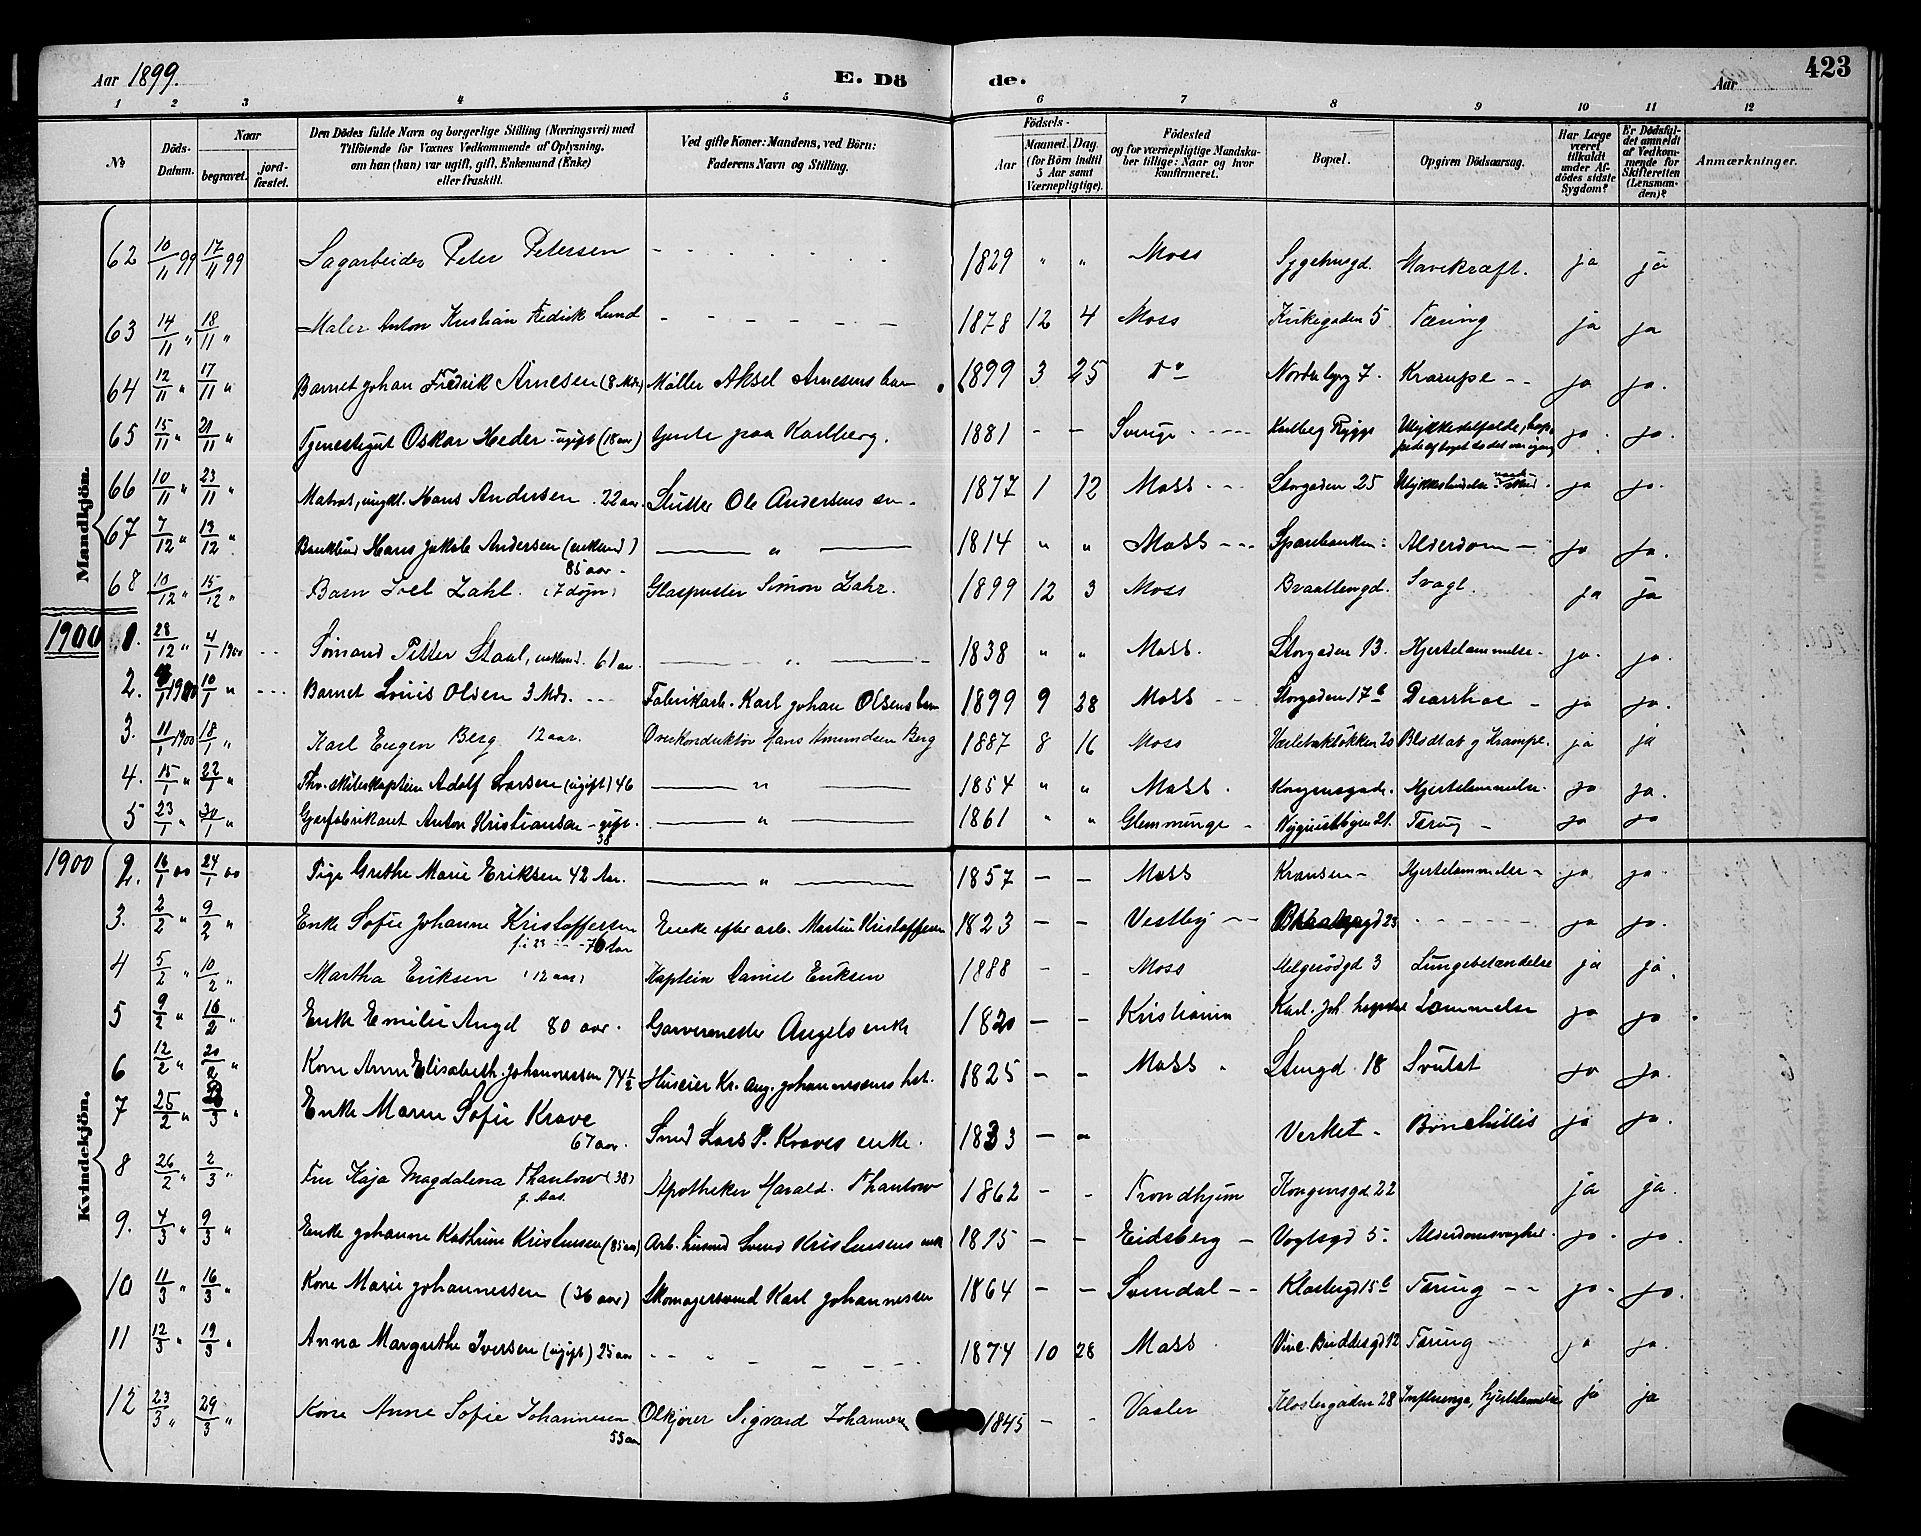 SAO, Moss prestekontor Kirkebøker, G/Ga/L0006: Klokkerbok nr. I 6, 1889-1900, s. 423